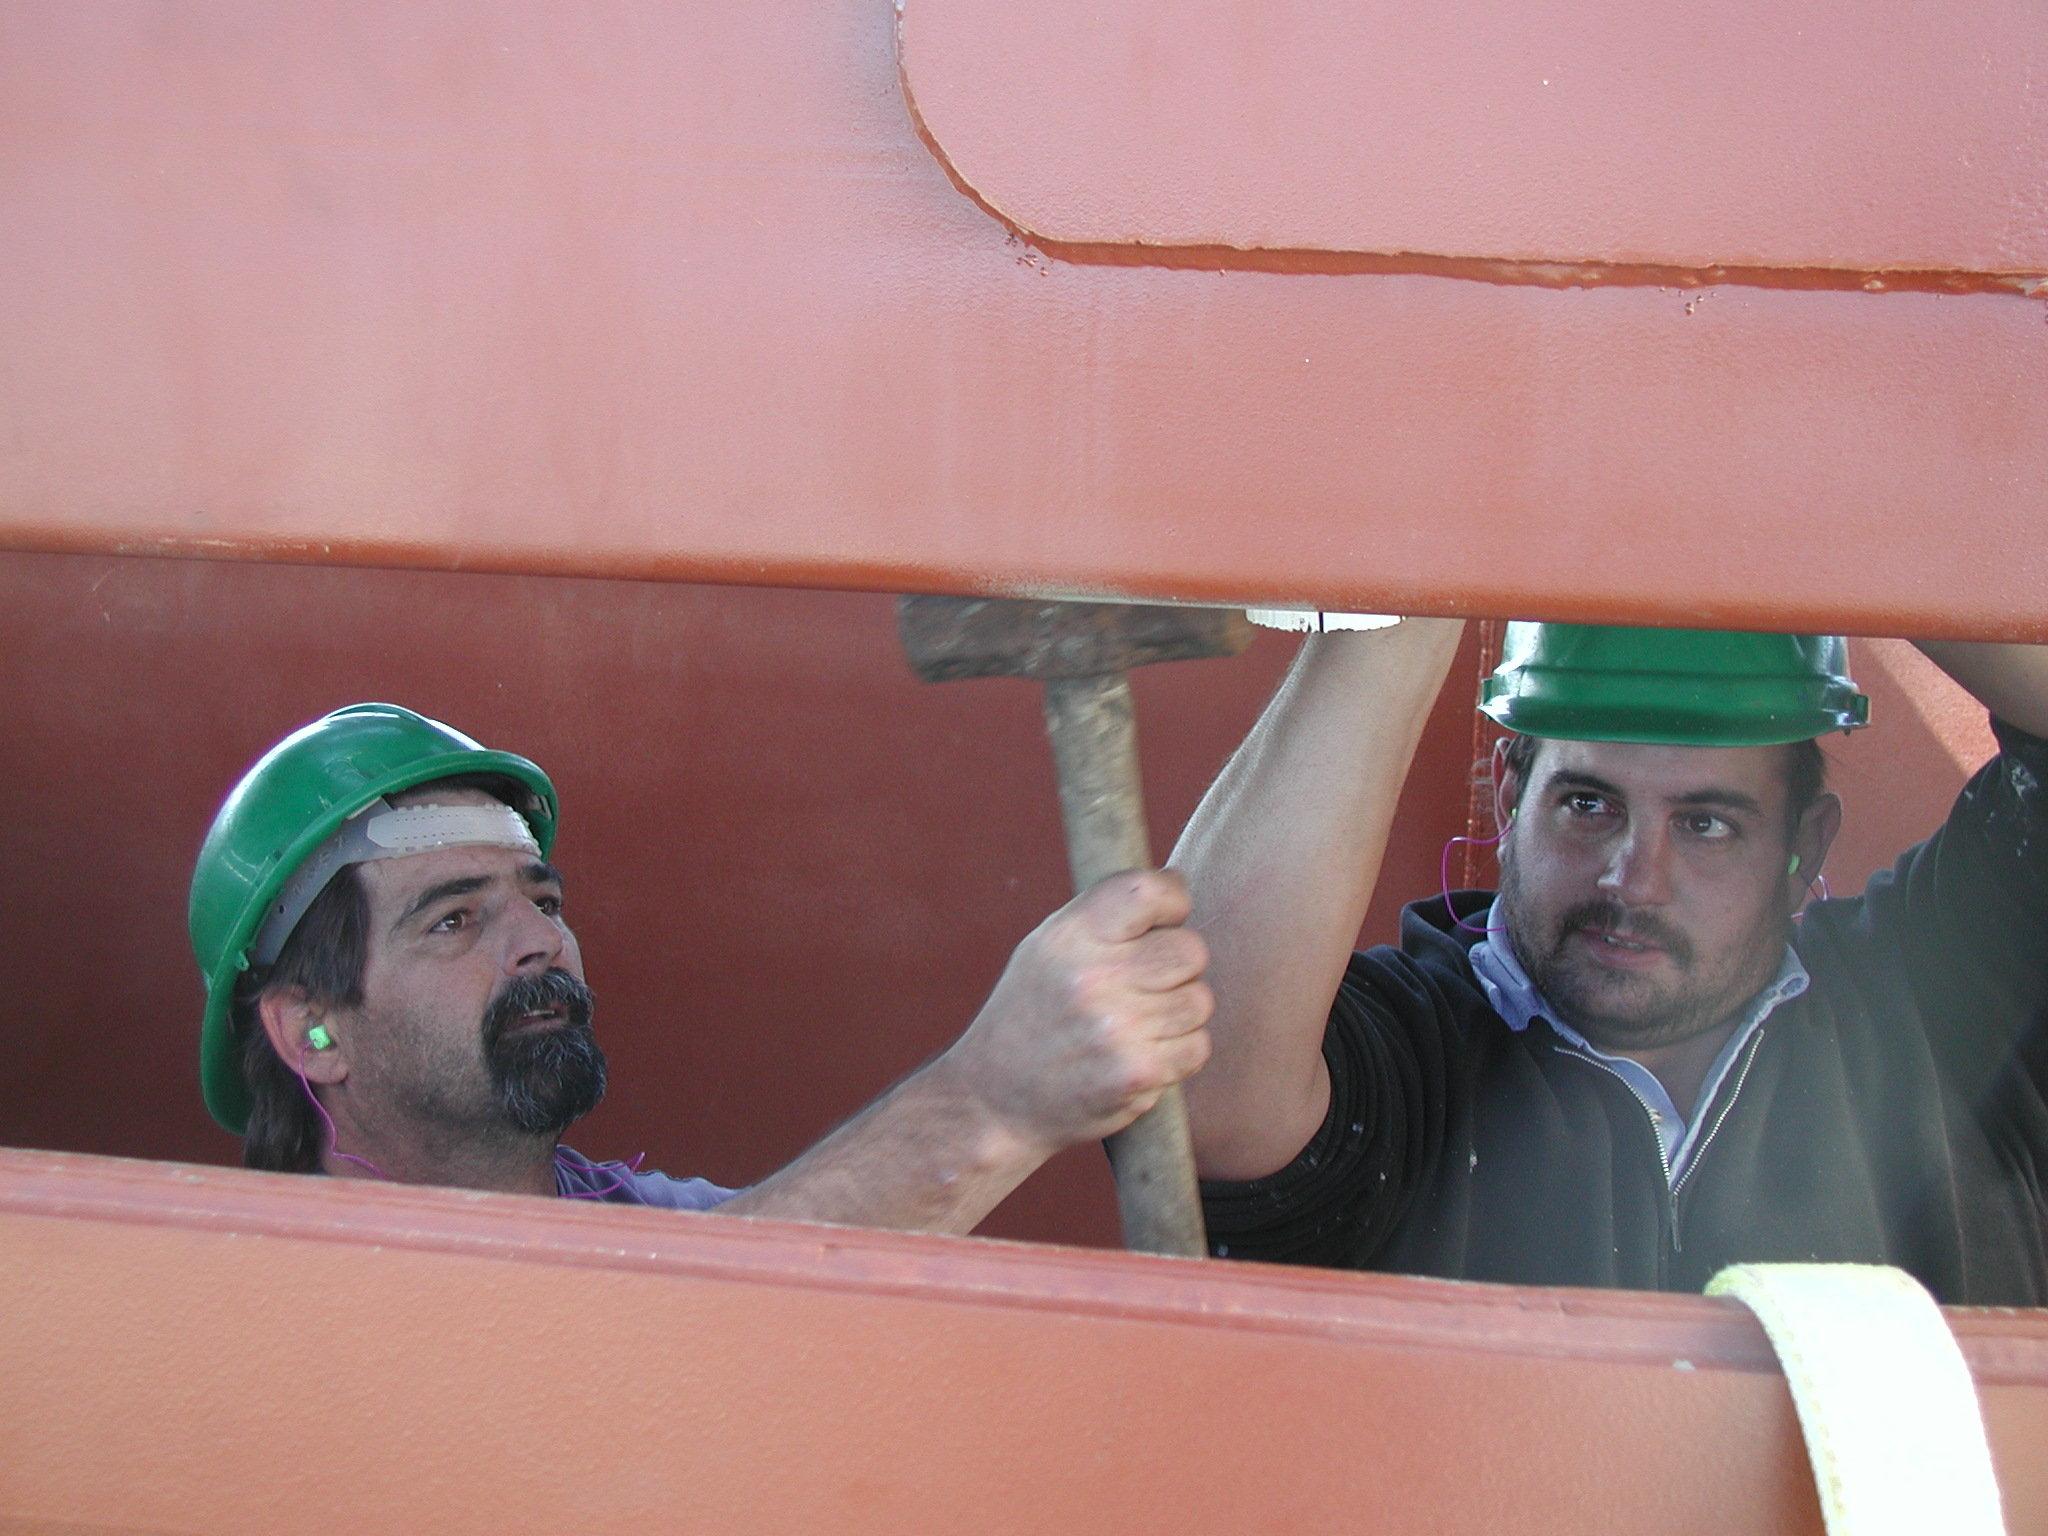 Jay and Joe in the digger 11-30-00.jpg